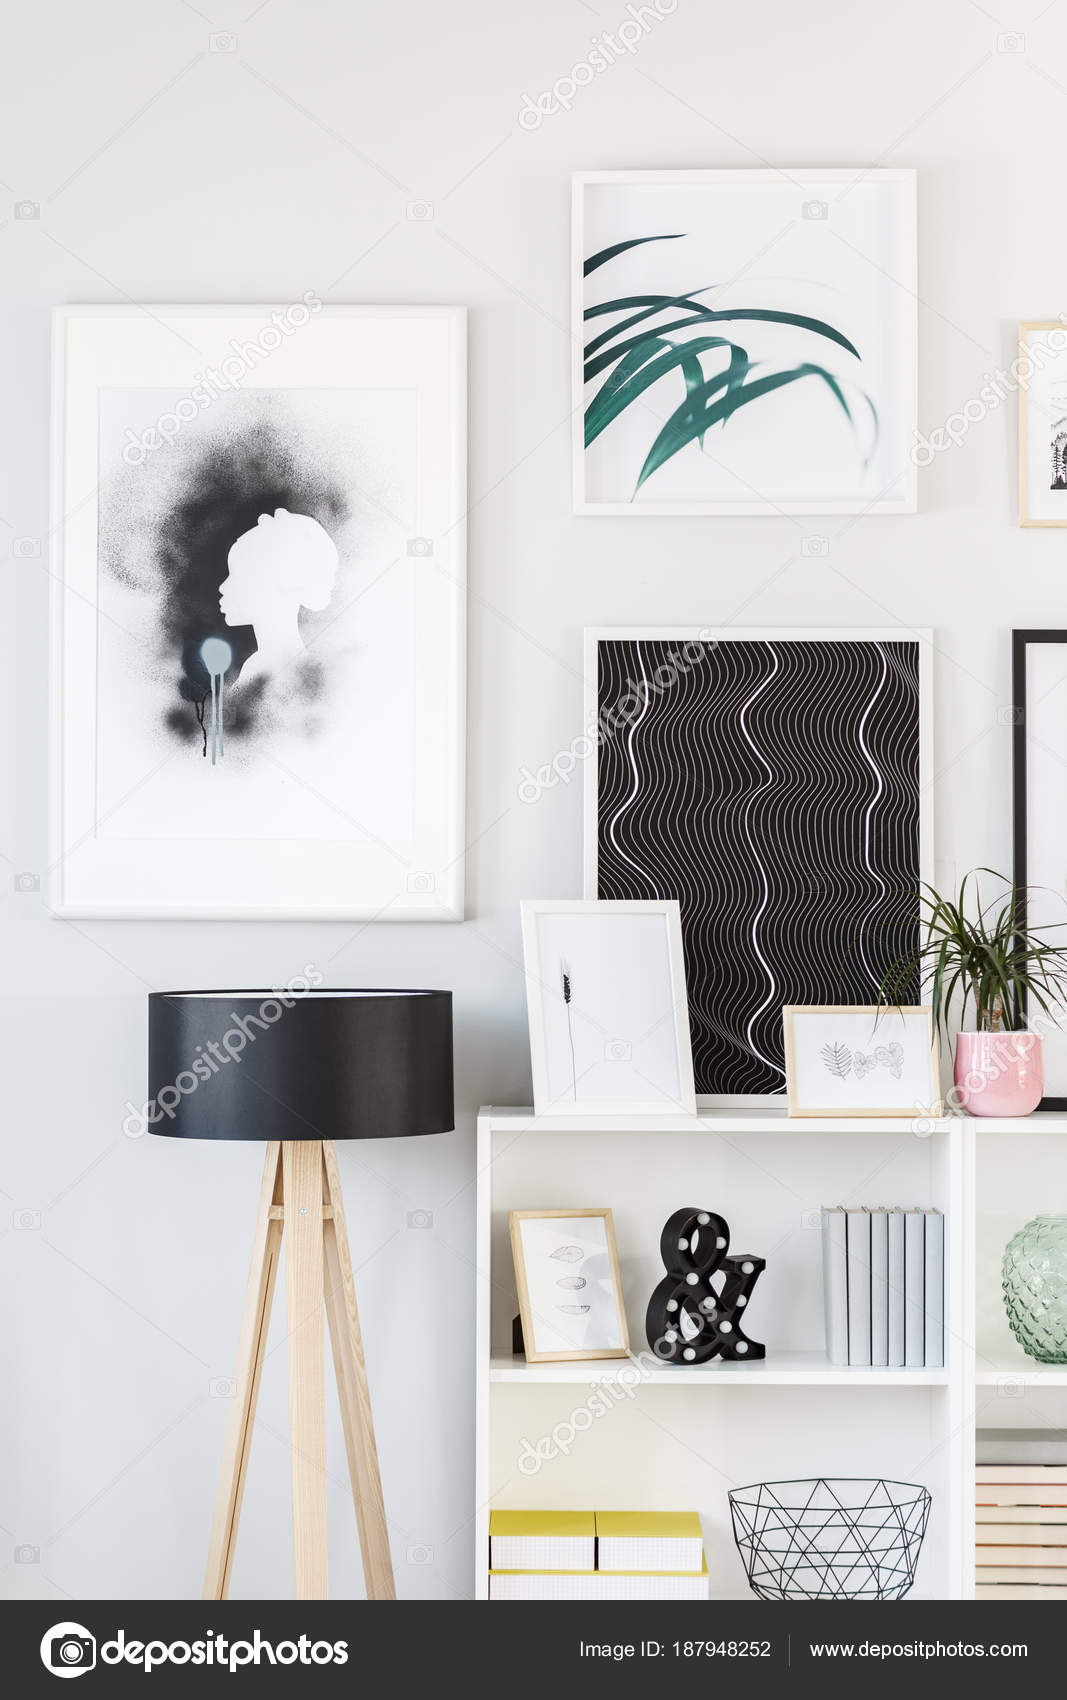 Muur Plank Voor Schilderijen.Schilderijen En Lamp In De Kamer Stockfoto C Photographee Eu